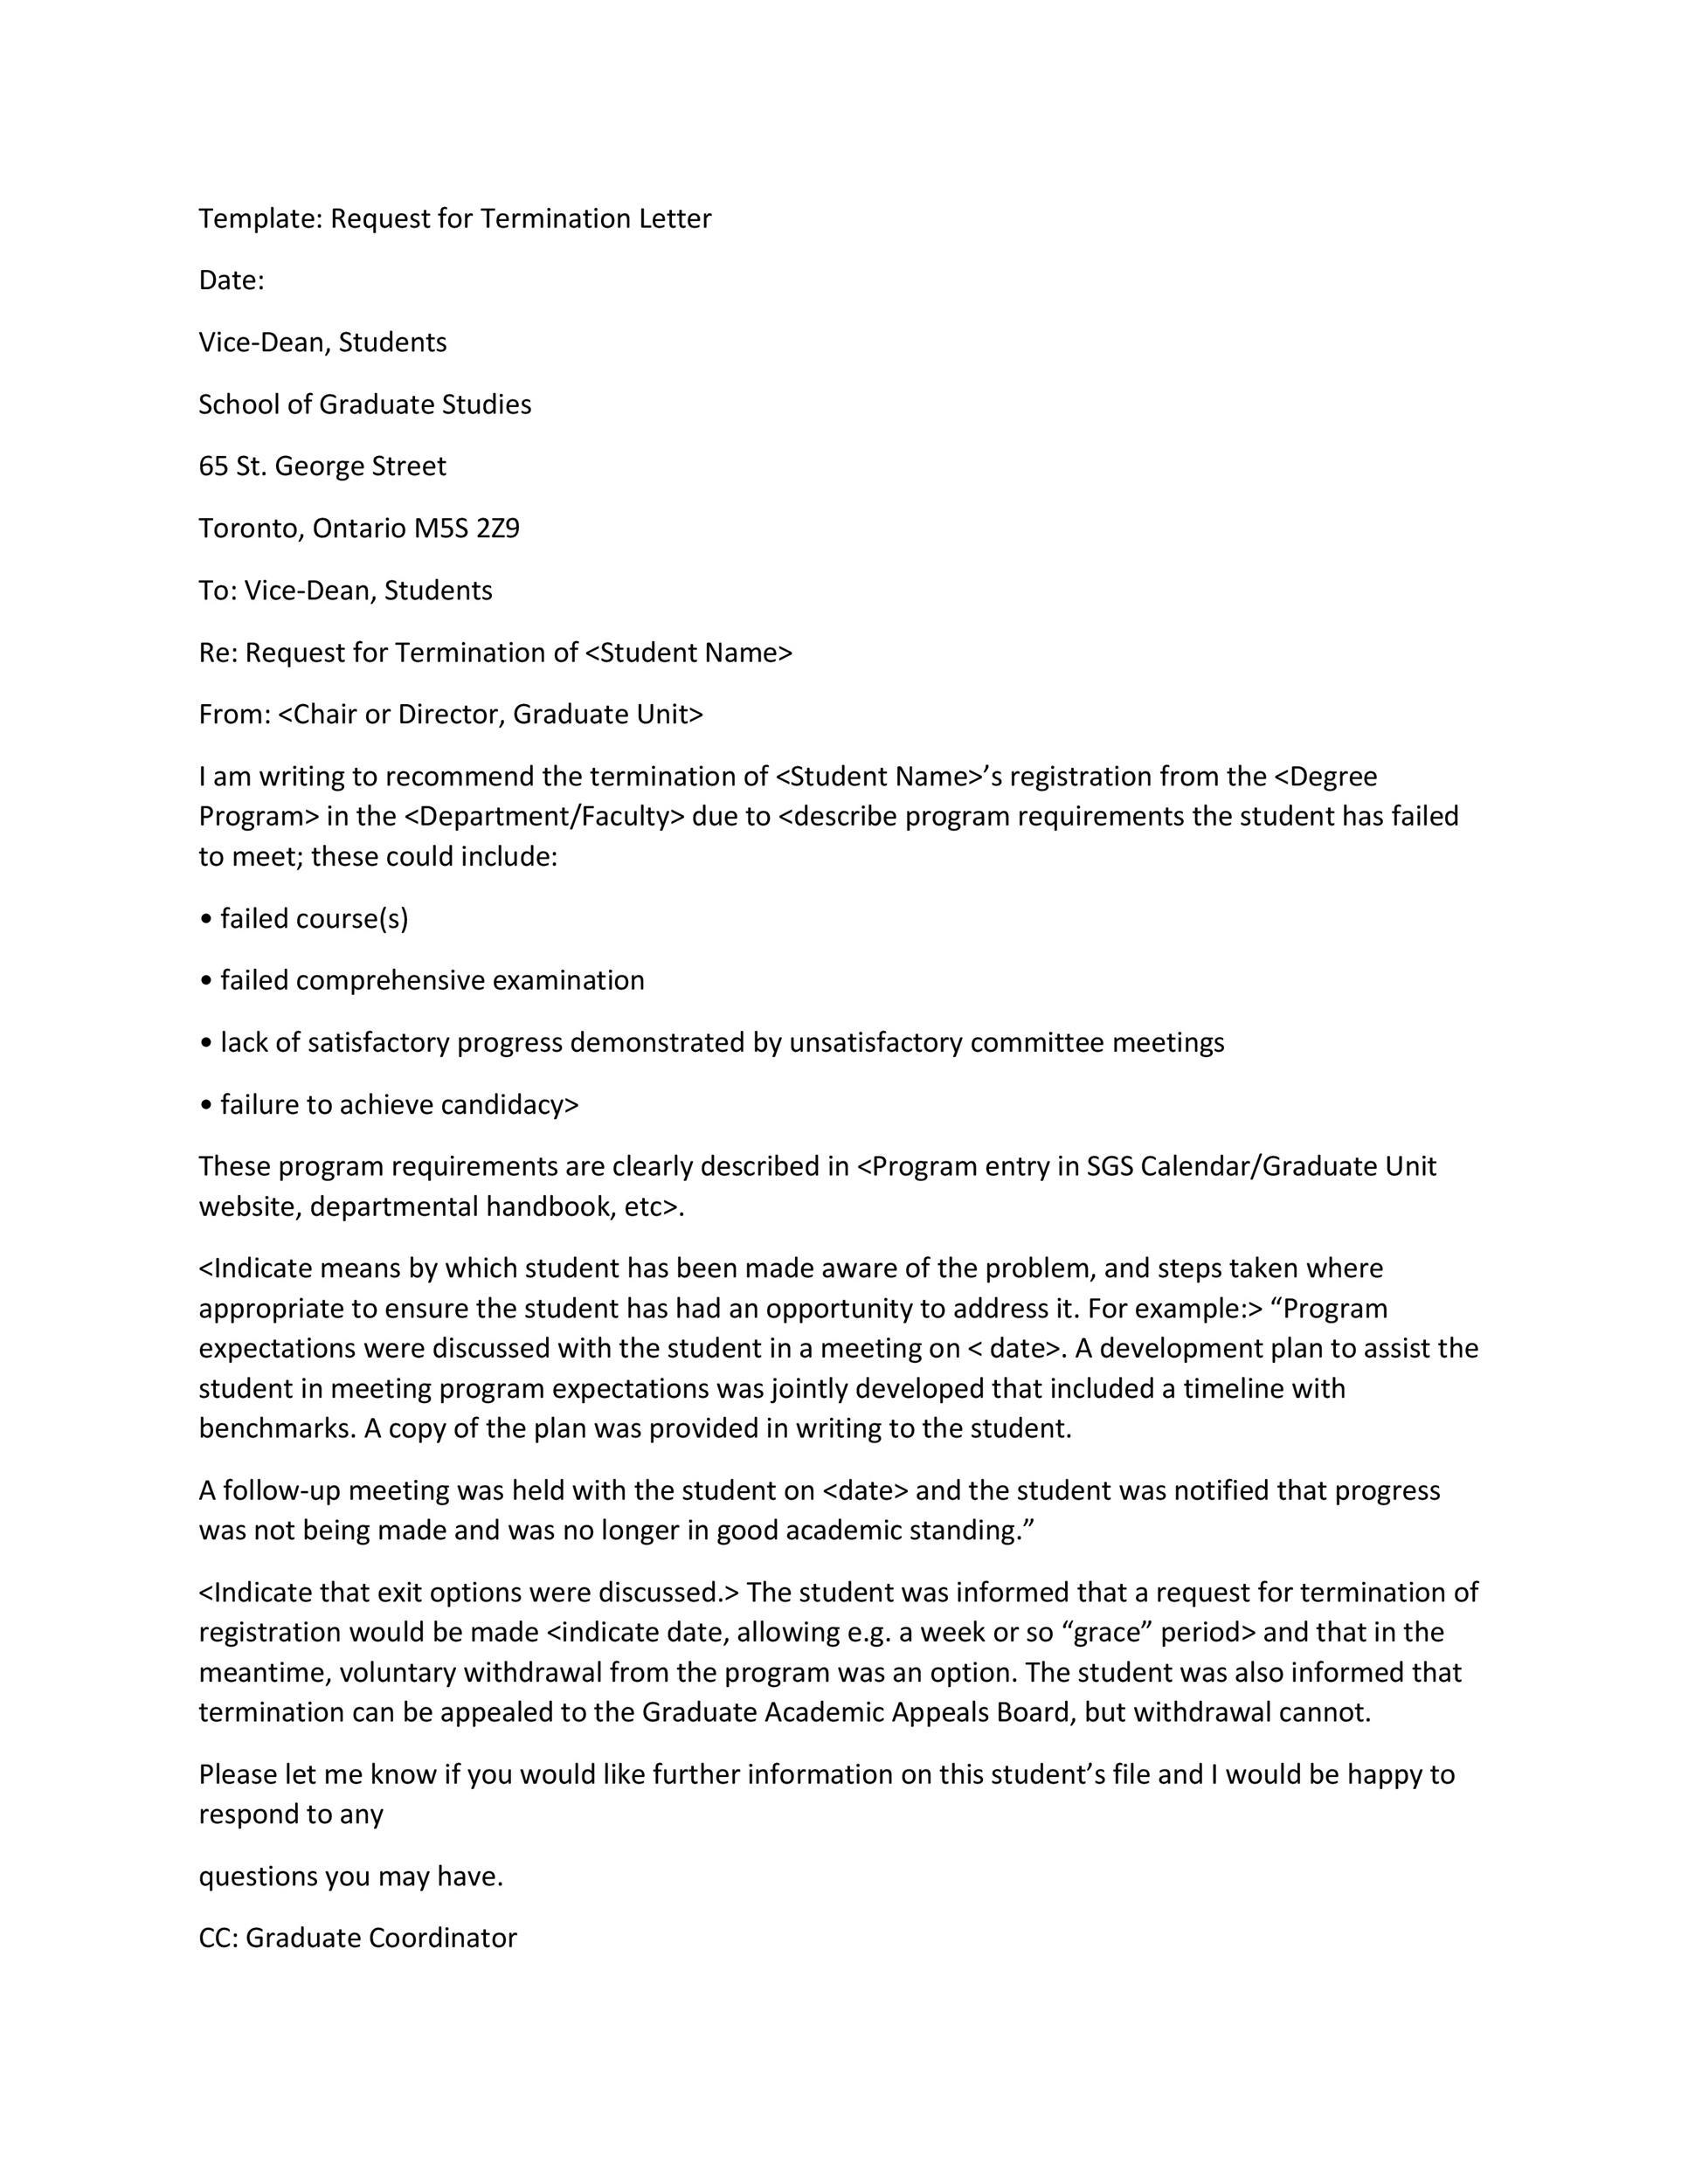 No Longer Employed Letter Sample